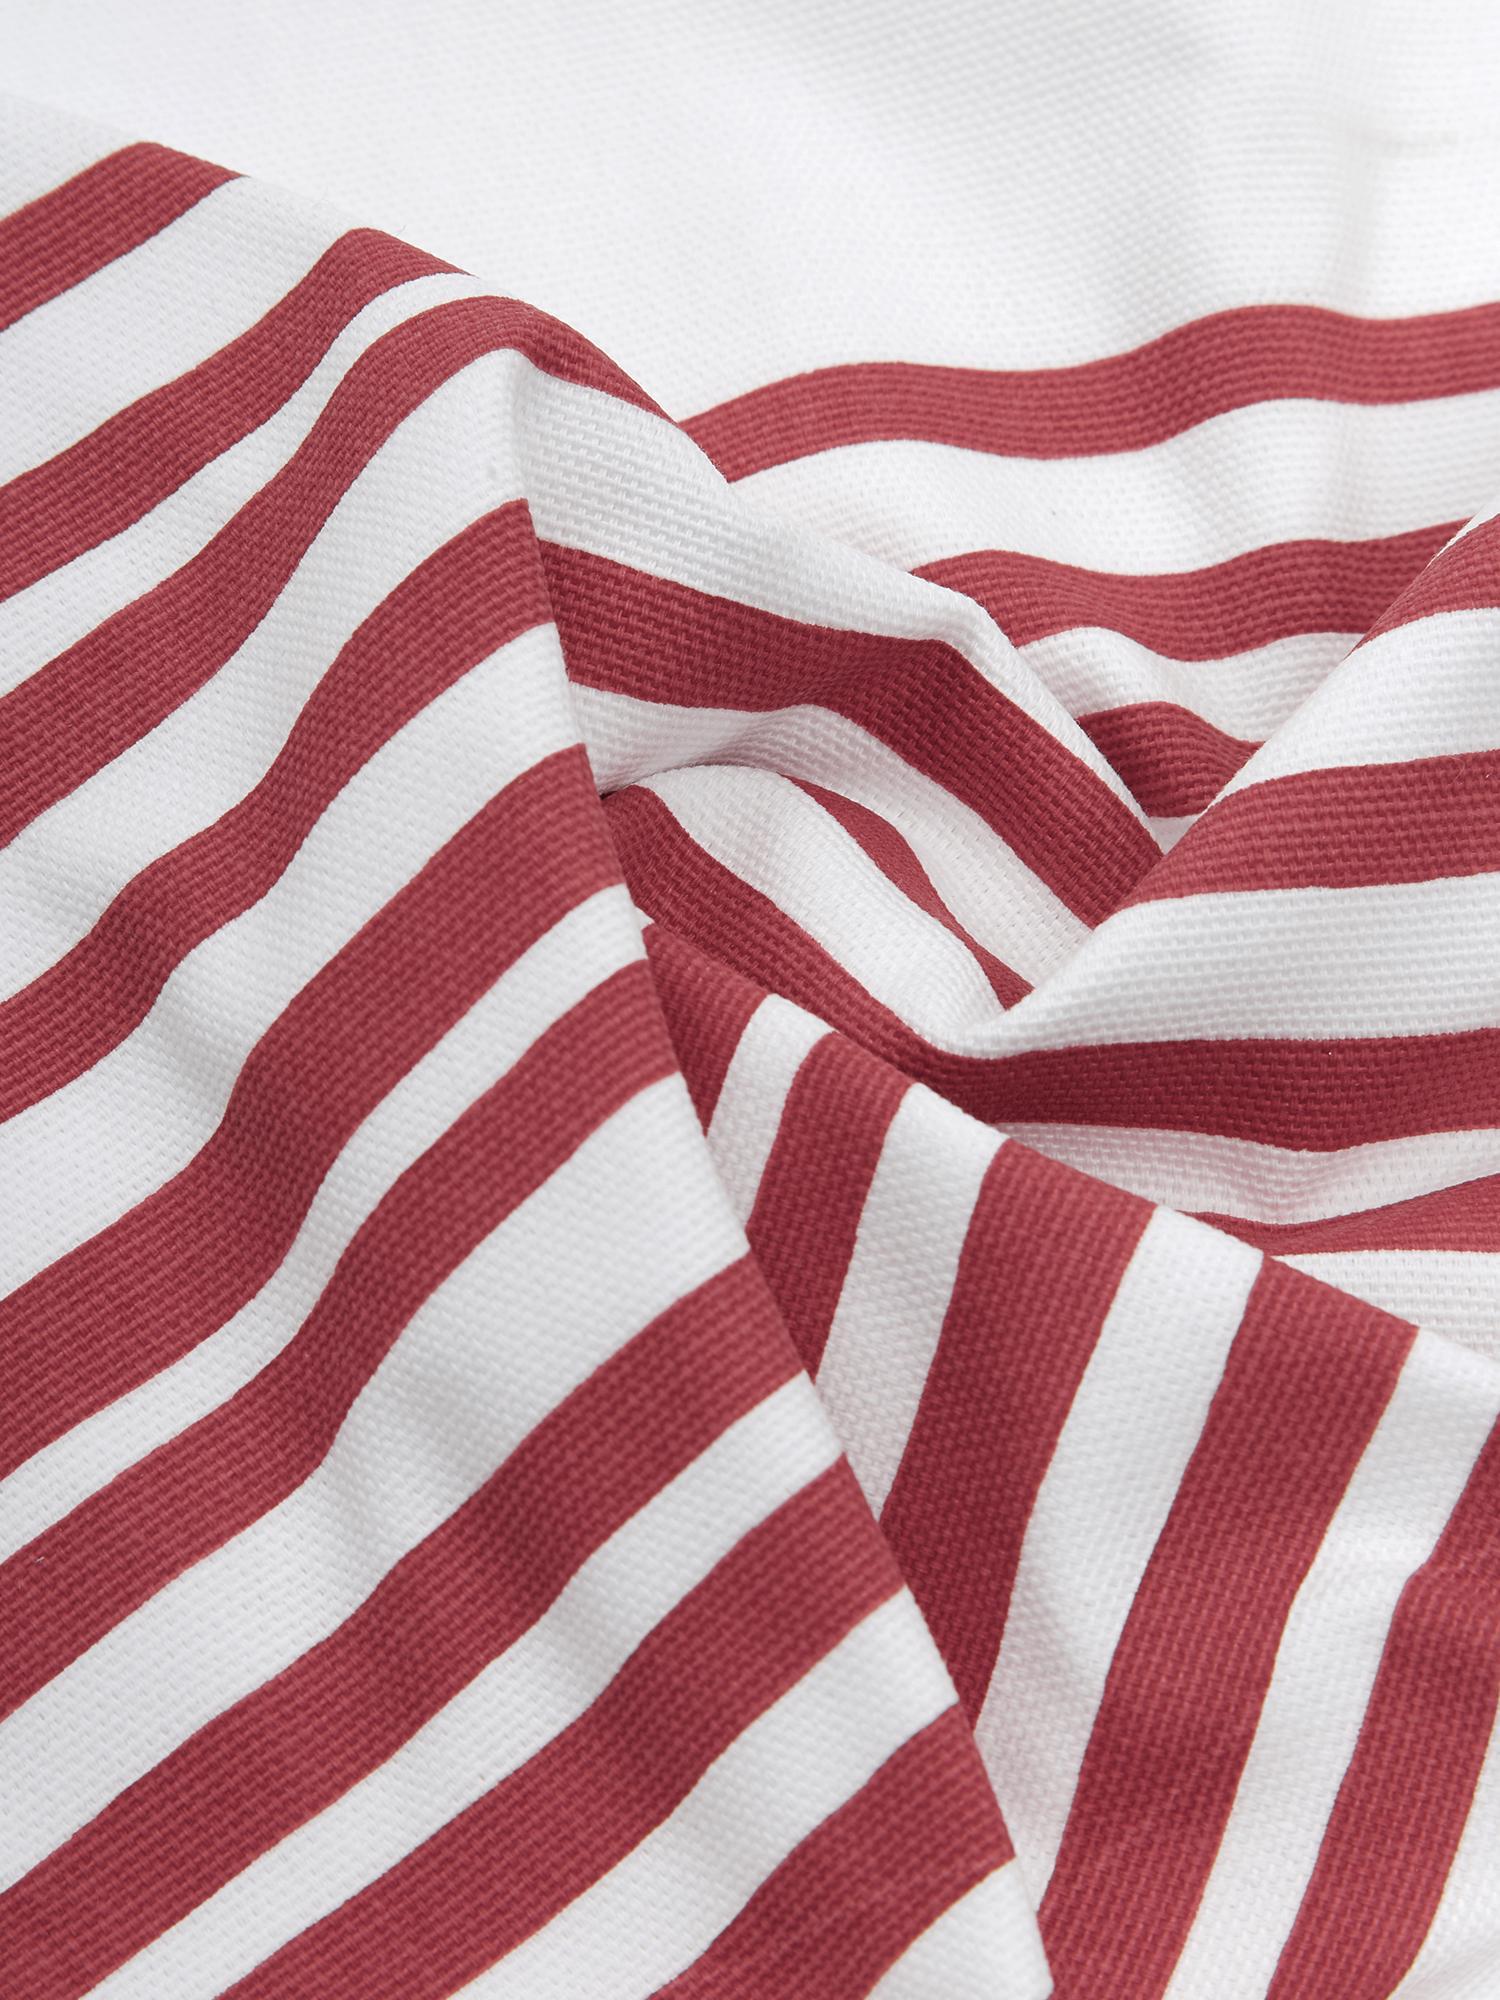 Kissenhülle Corey mit Streifen in Dunkelrot/Weiss, 100% Baumwolle, Weiss, Dunkelrot, 40 x 40 cm